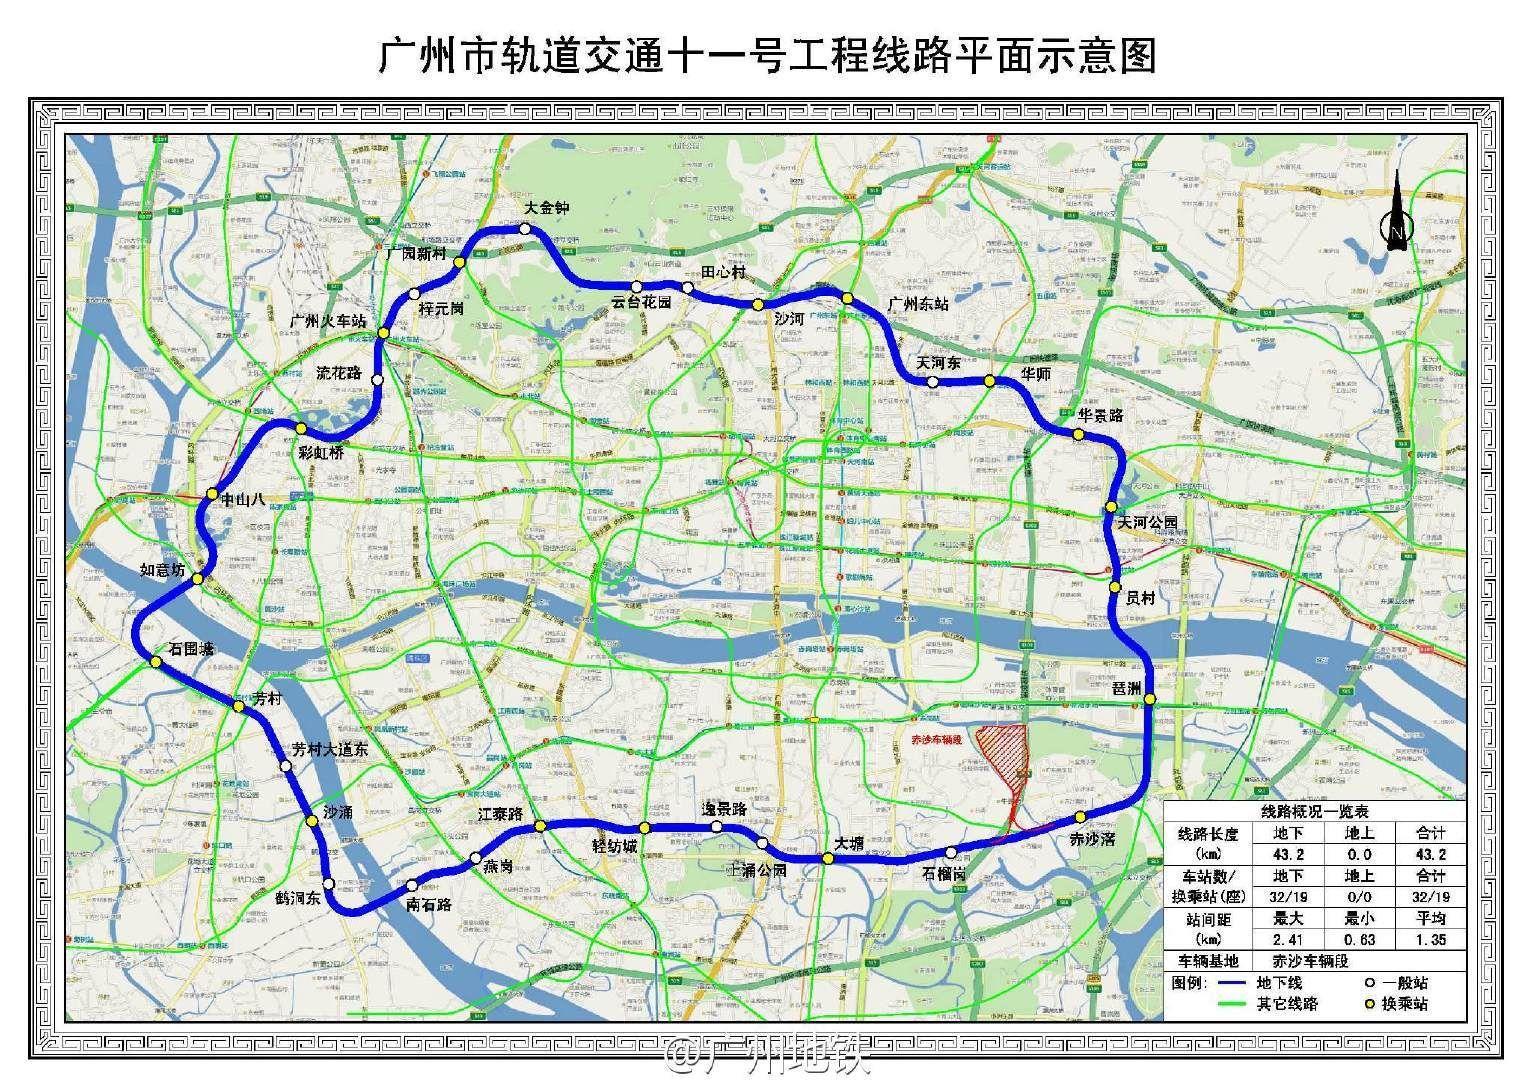 广州工商注册代办最快2022年开通!广州地铁11号线大金钟站再传捷报